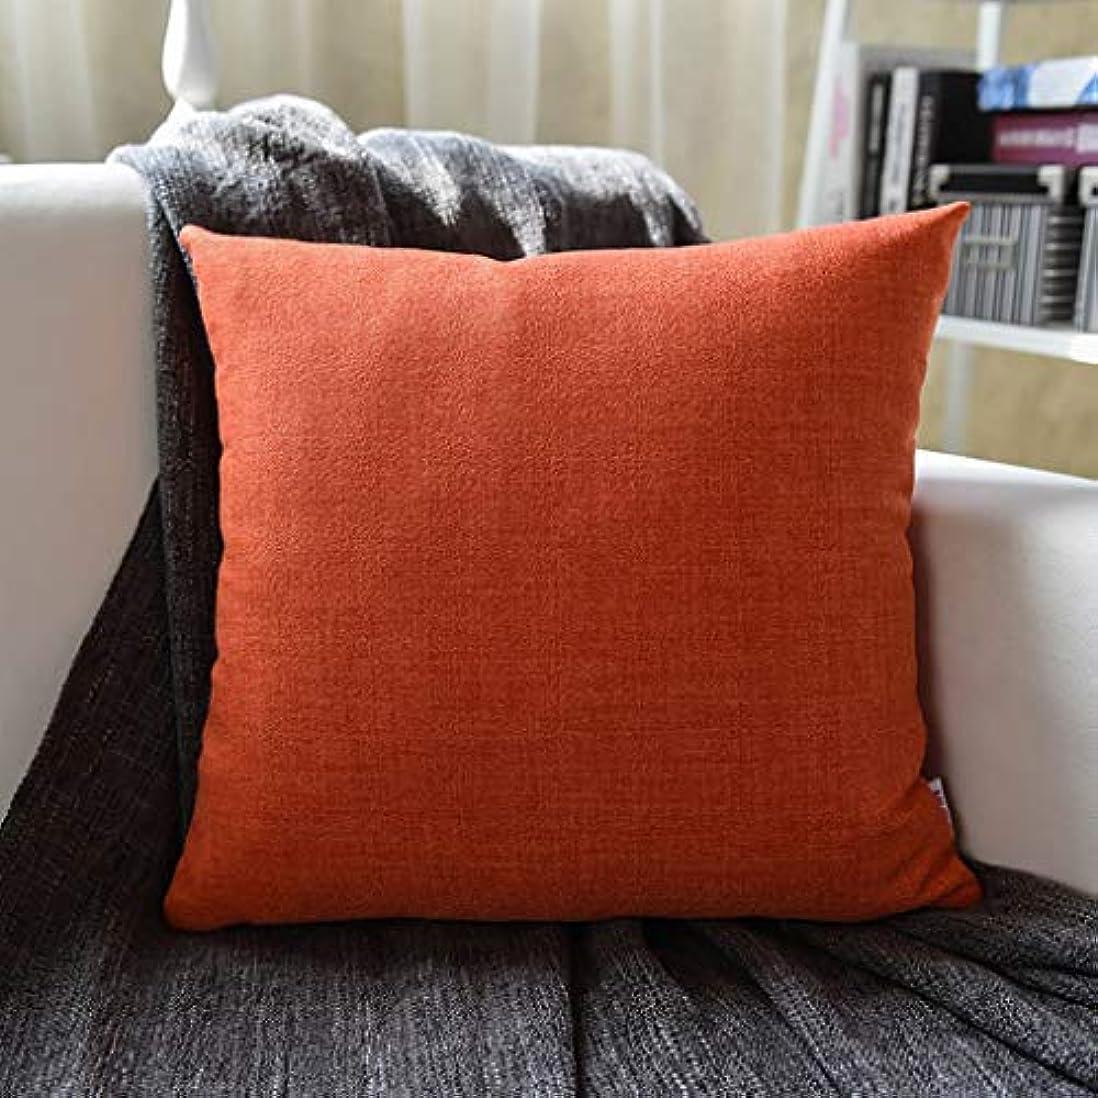 敵対的召集する者SGLI あと振れ止め/ソファーの居間のクッション/車のオフィスのウエストパッド/枕/無地の正方形のあと振れ止めのサイズ:45CM×45CM (Color : C)